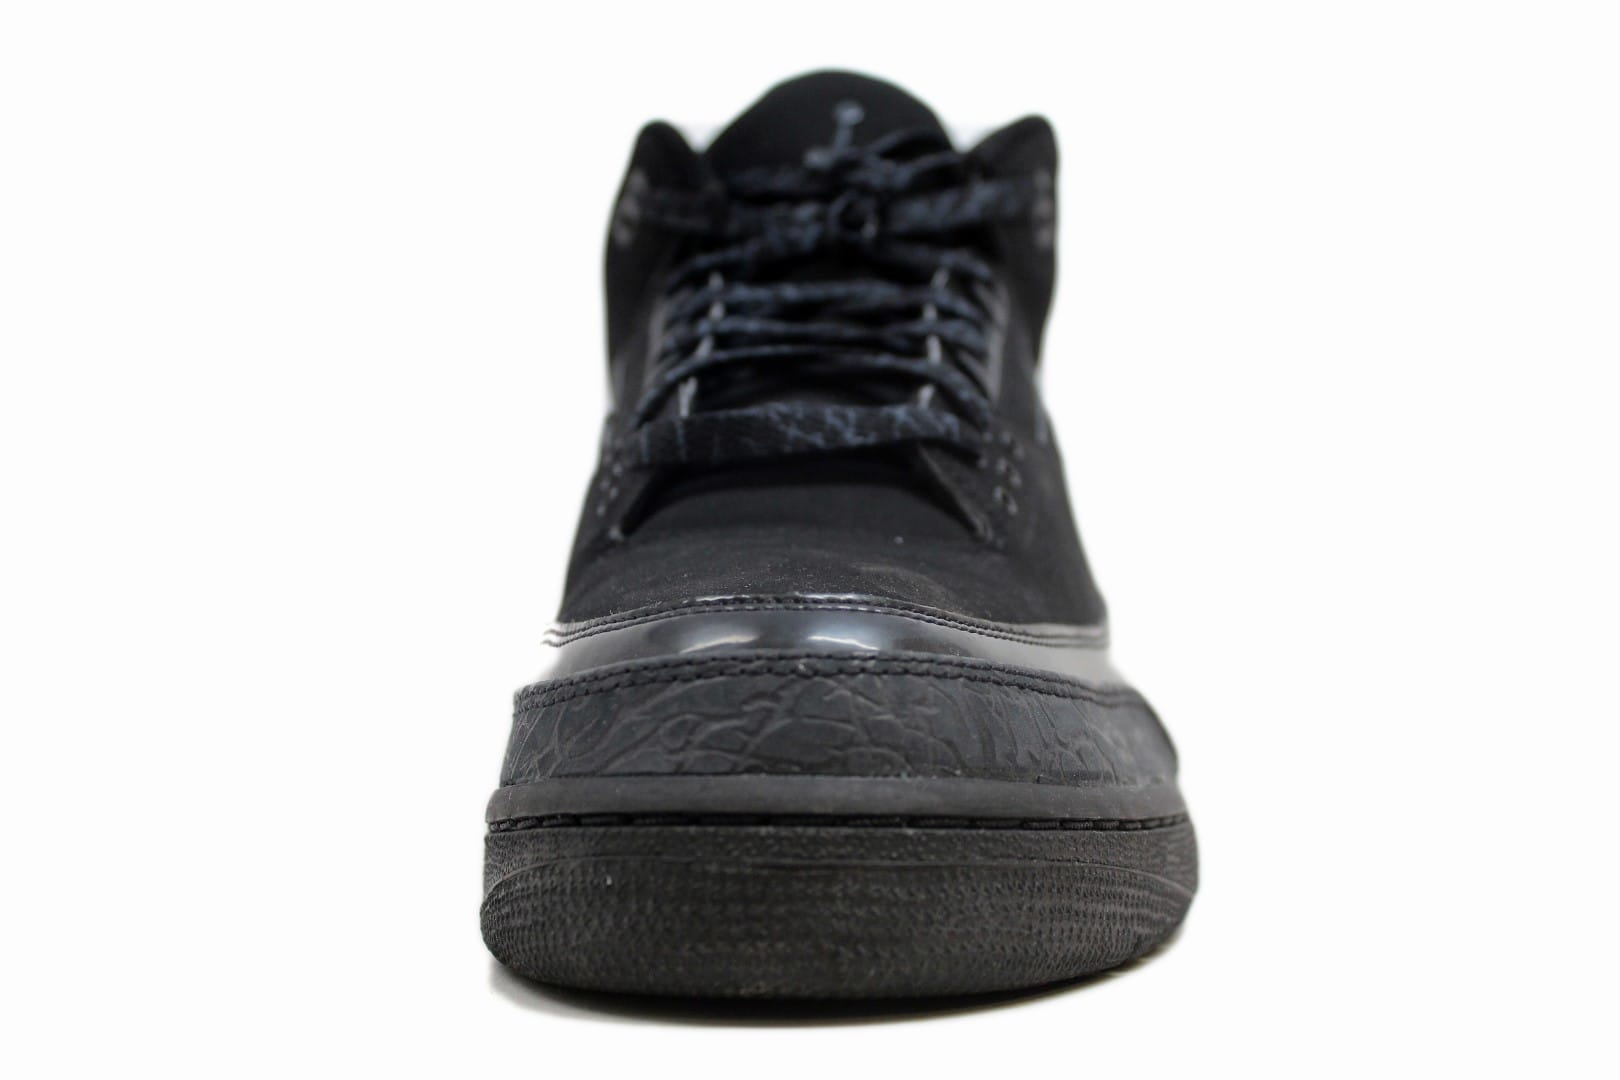 Nike Men's Air Jordan III 3 Retro Black/Dark Charcoal 136064-002